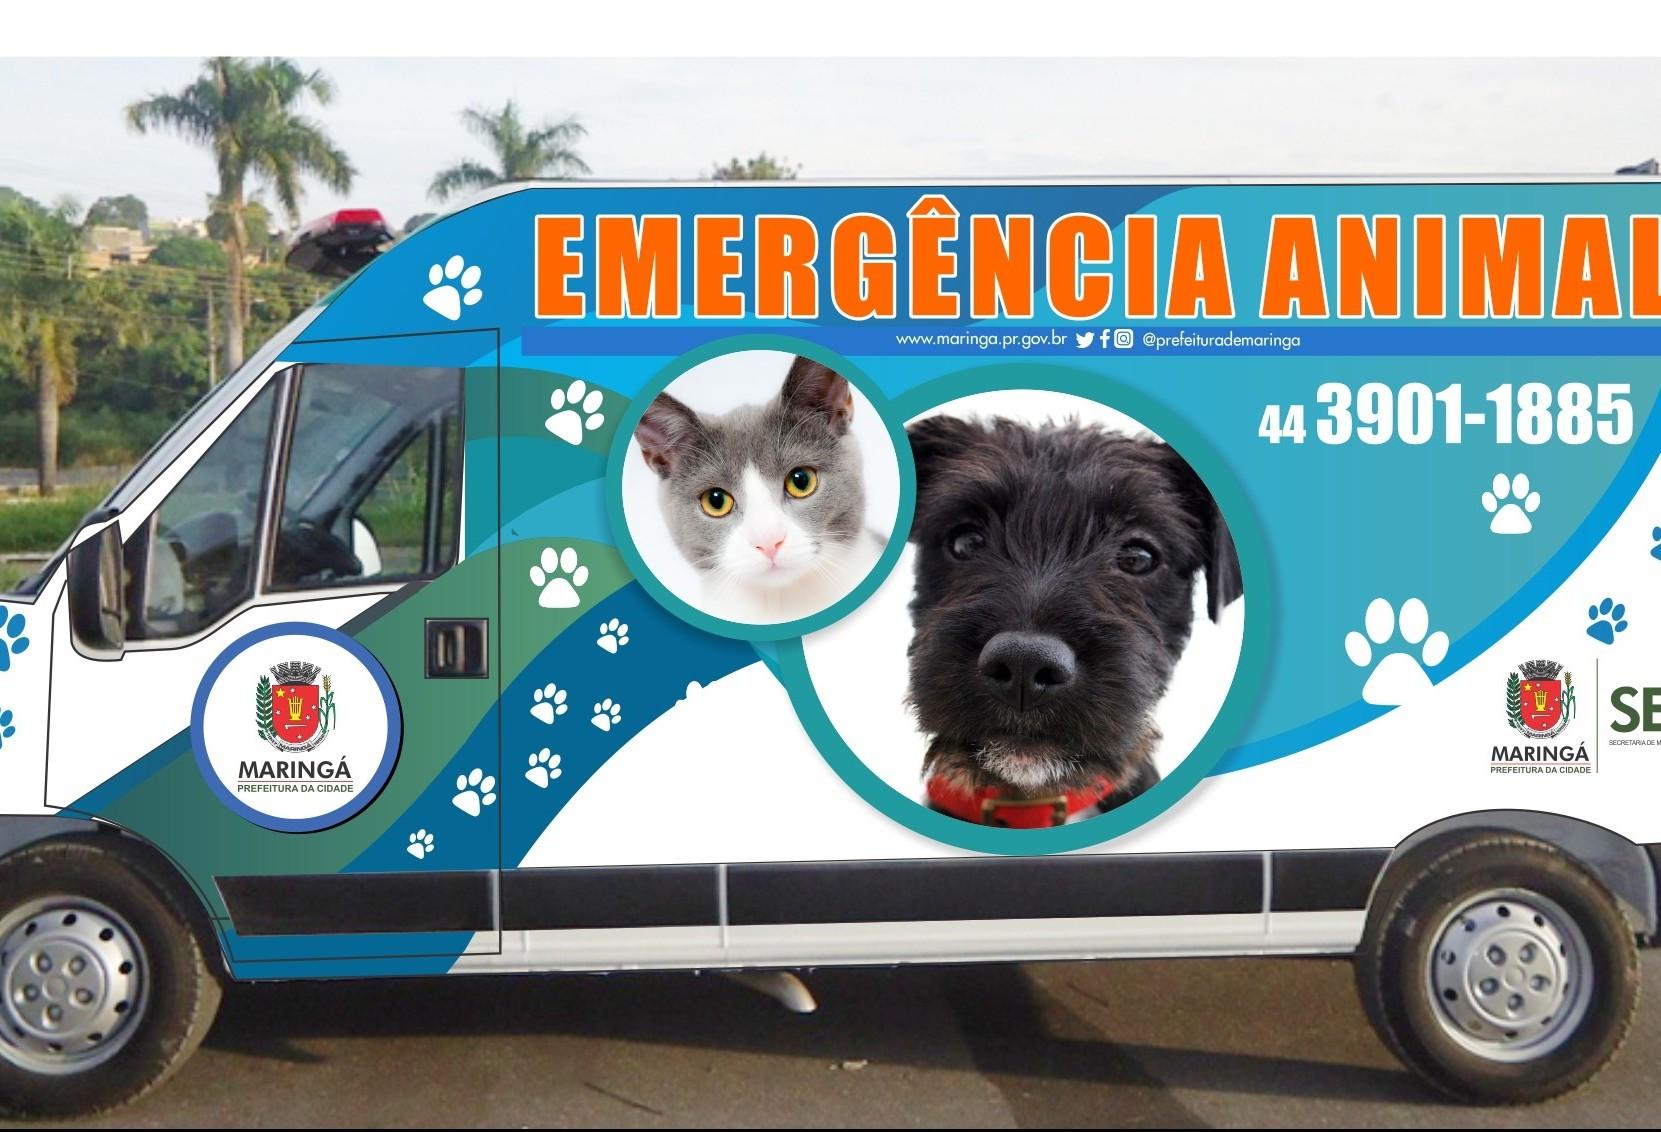 Novo serviço da Secretaria de Meio Ambiente e Bem-Estar Animal começa a funcionar